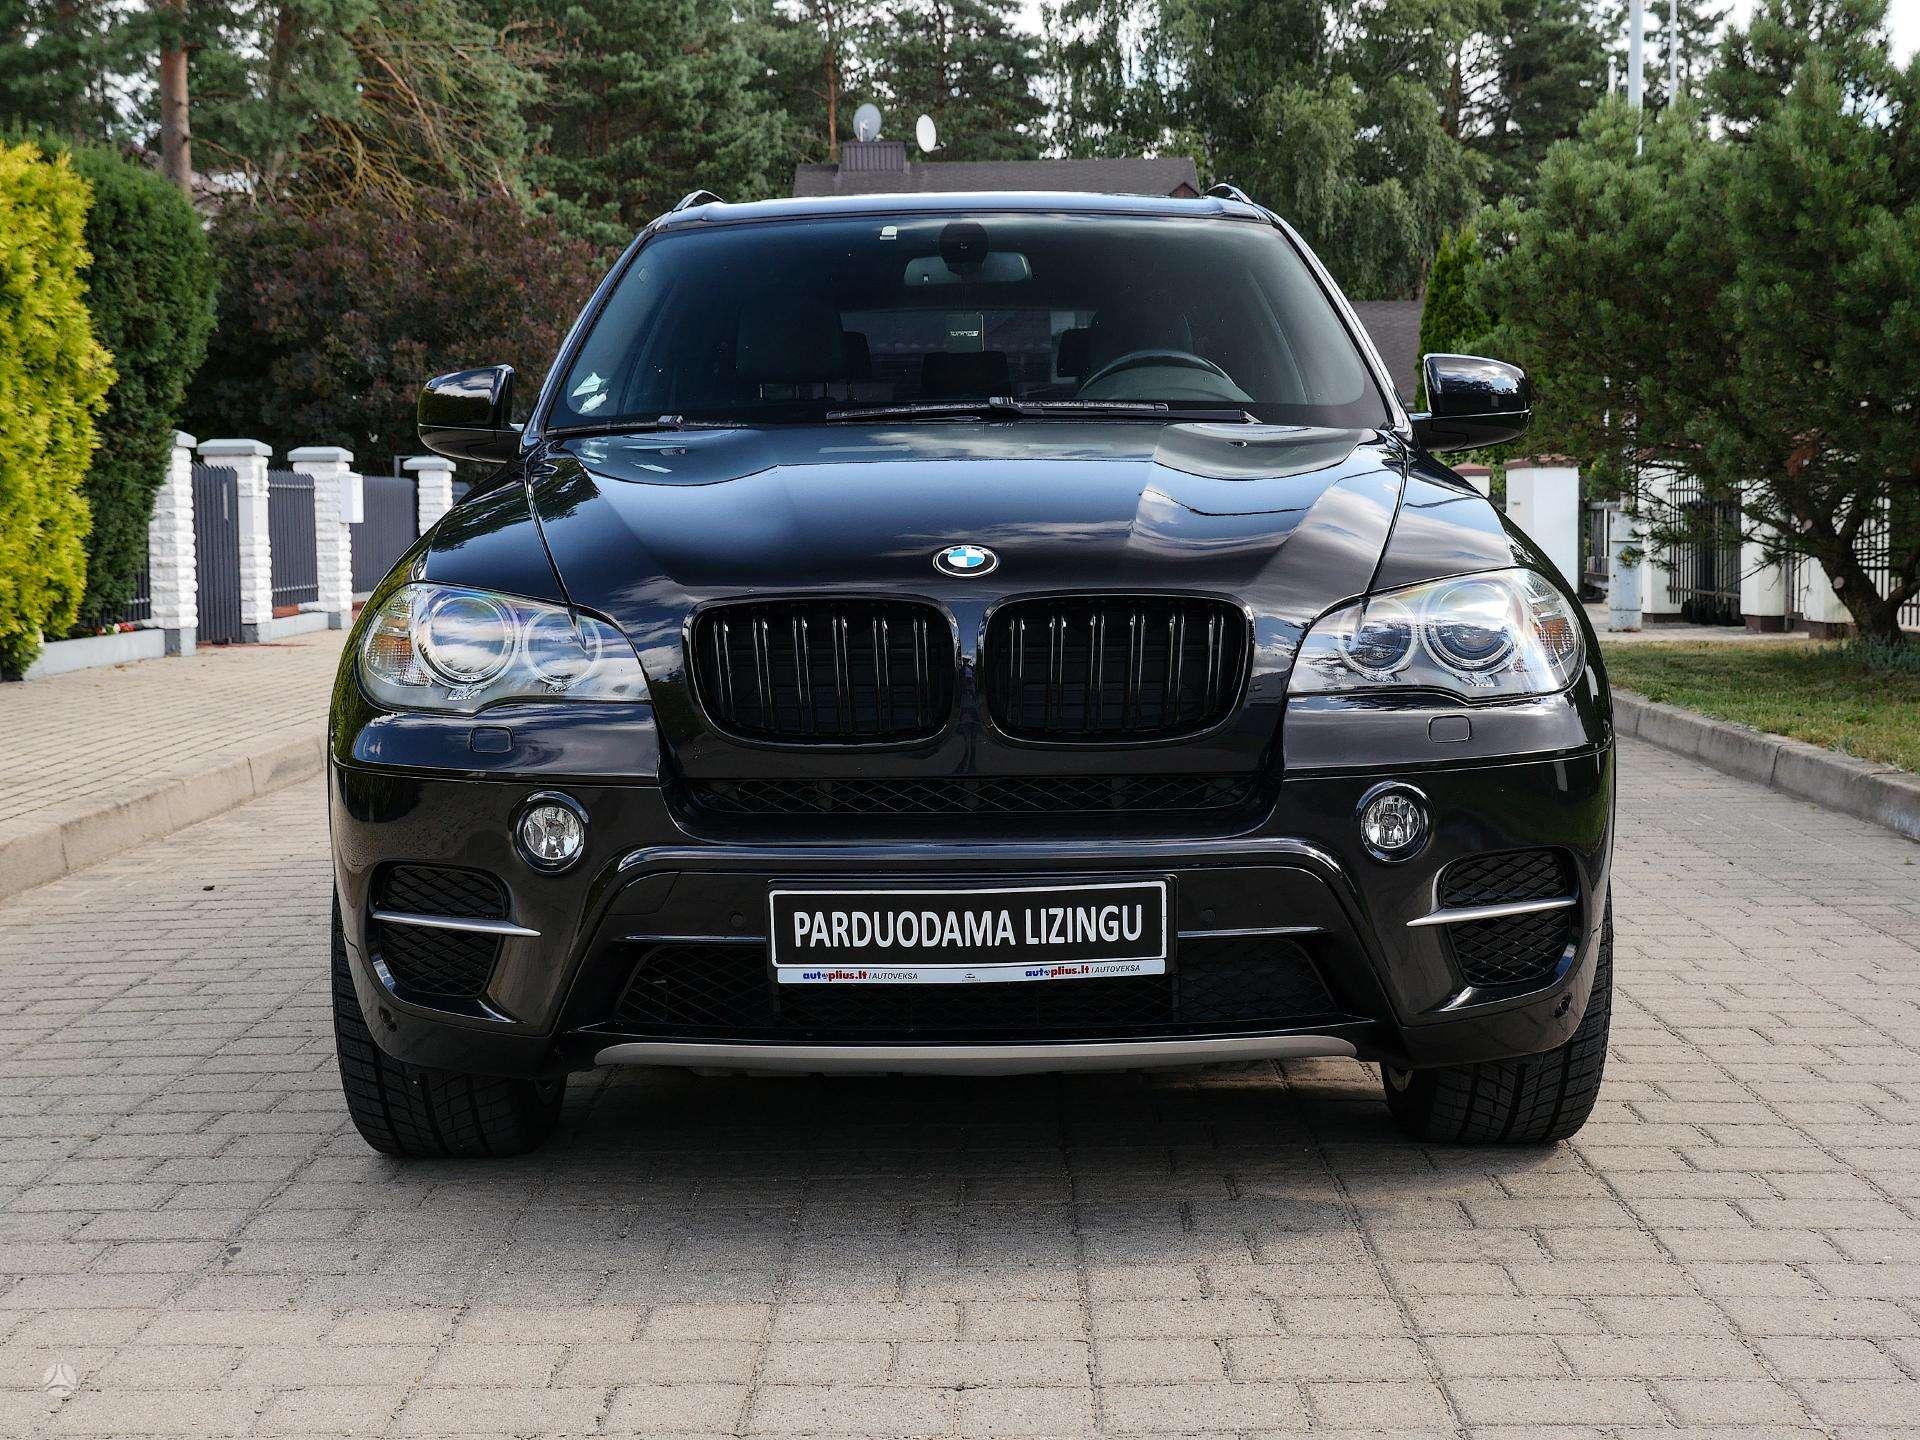 BMW X5 Išsimokėtinai nuo 316Eur/Mėn su 3 mėnesių garantija